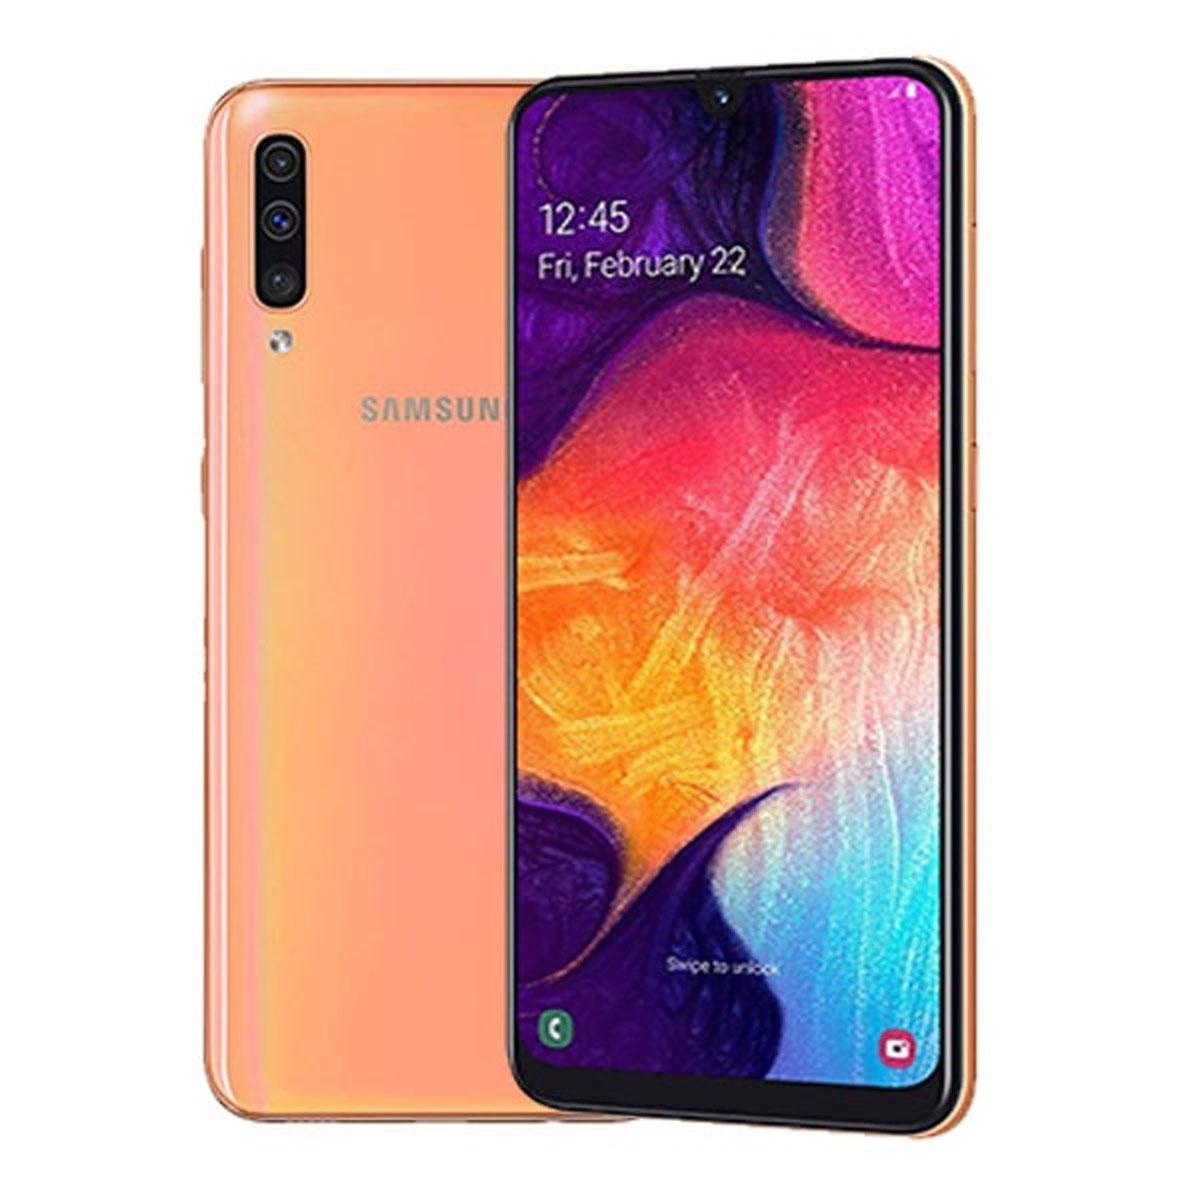 Samsung galaxy a50 sm-a505fn 4gb/128gb coral